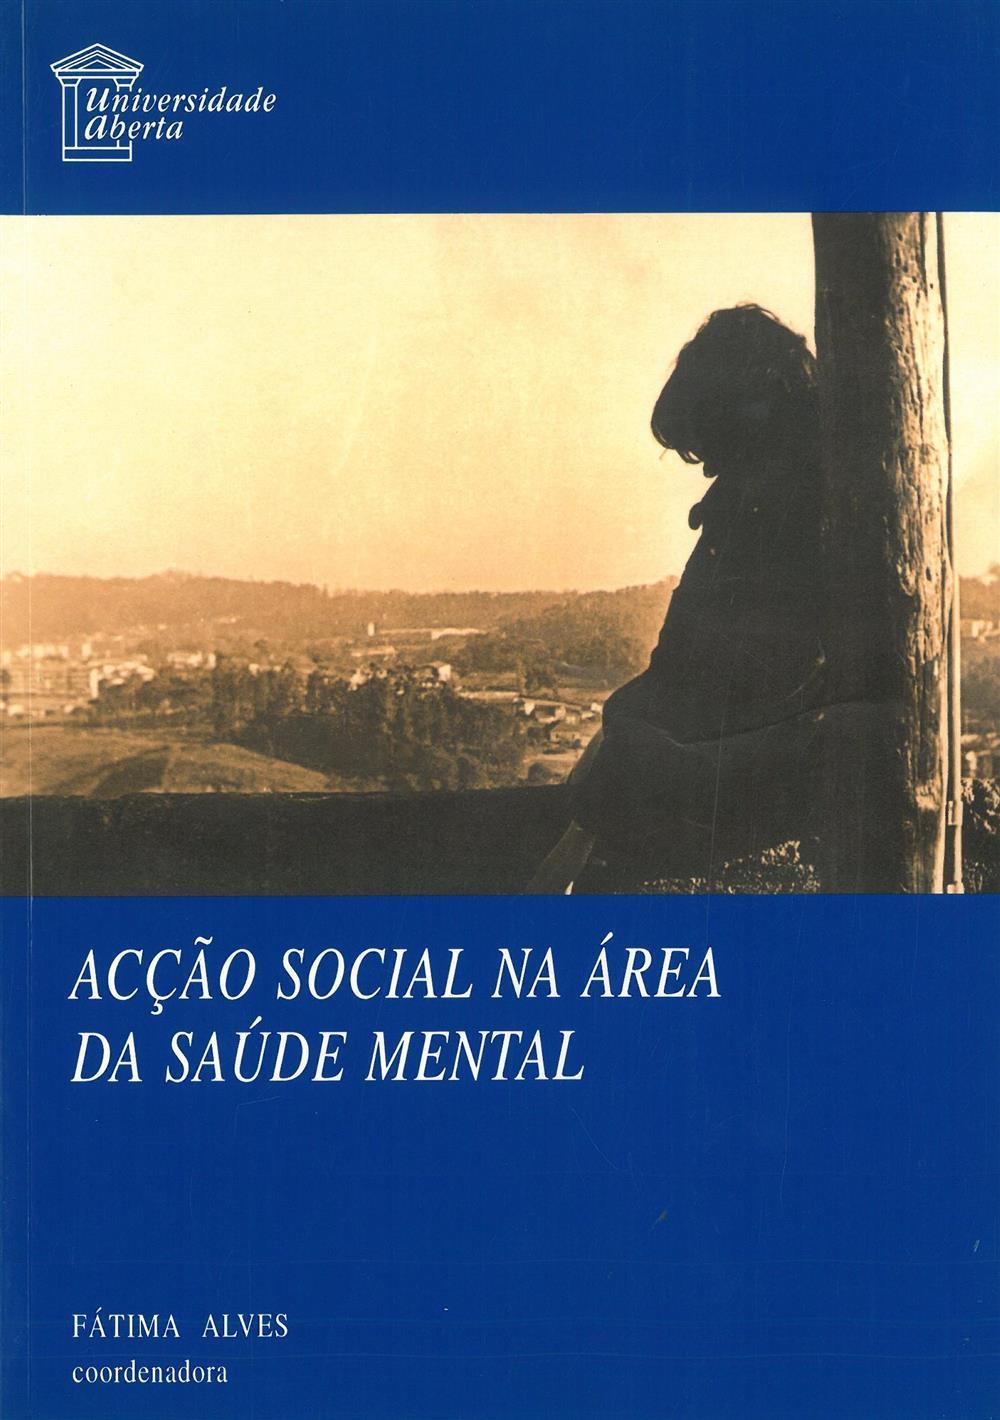 Acção social na área da saúde mental_.jpg